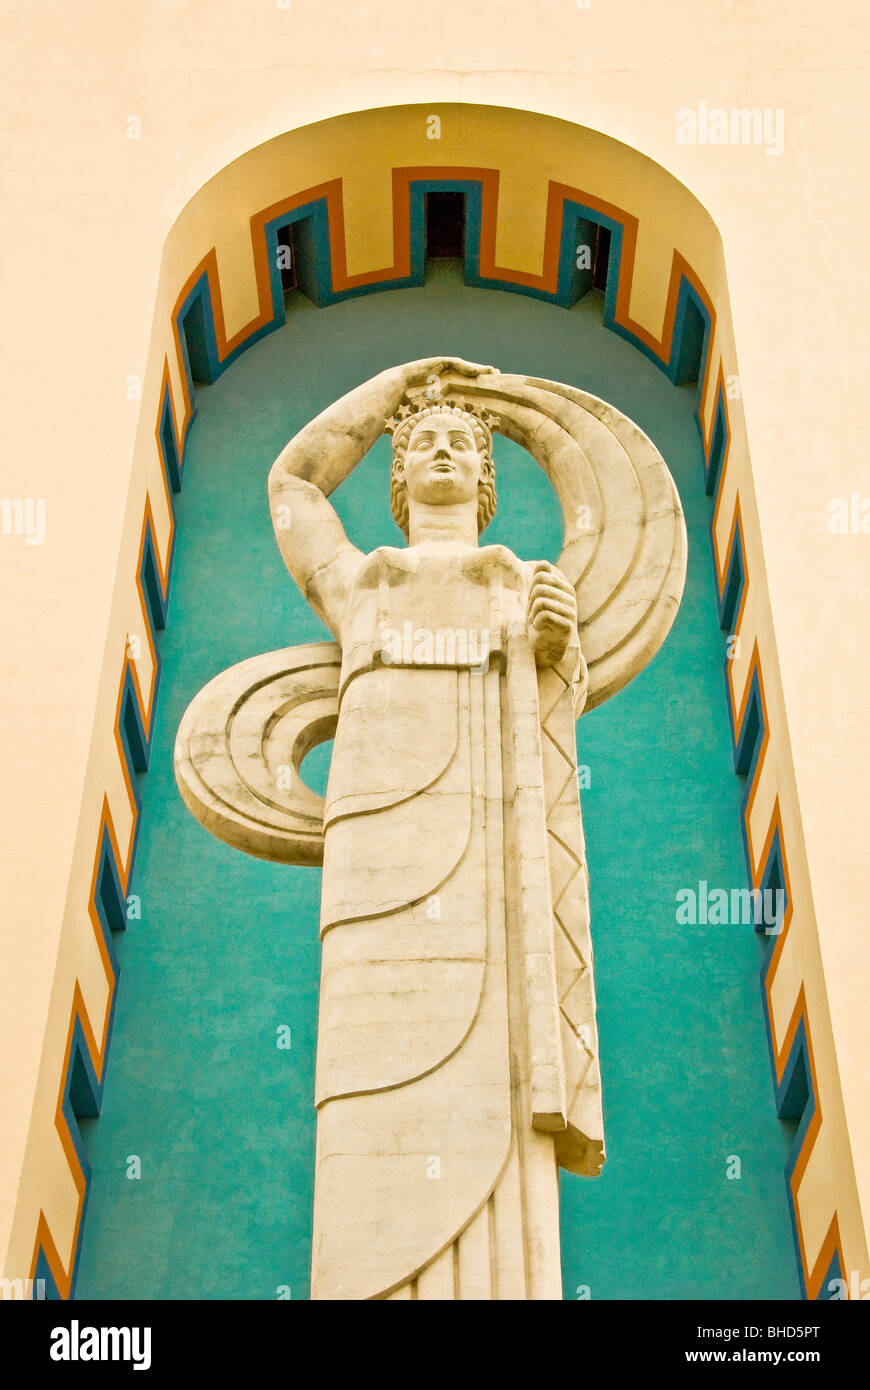 """""""Confederación"""" monumento delante del edificio centenario en Fair Park, Dallas, Texas Foto de stock"""